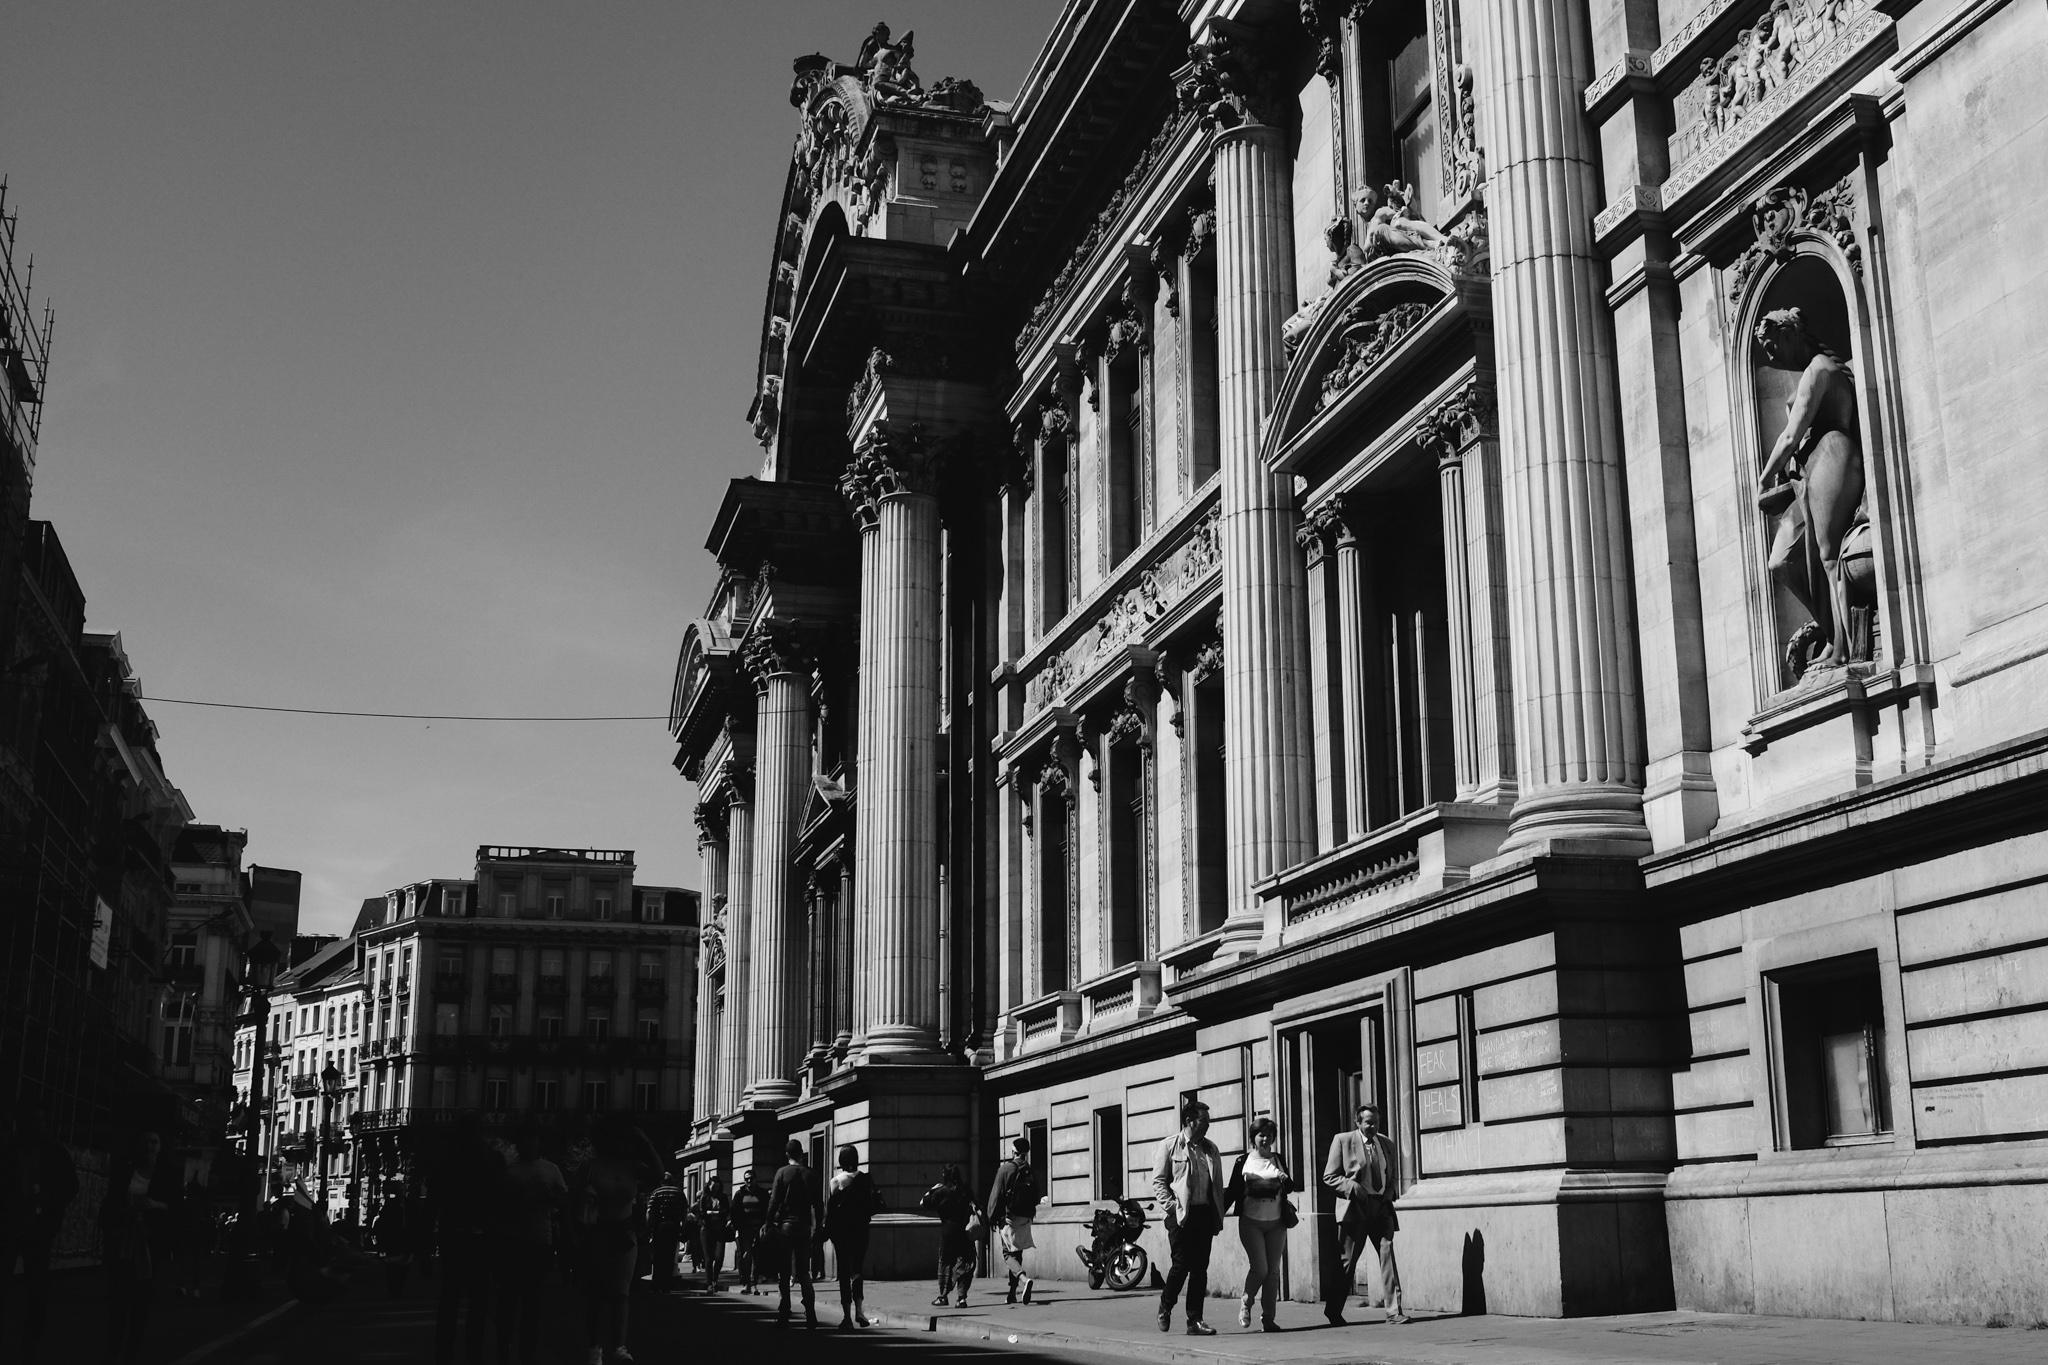 3169-architecture-in-belgium.jpg